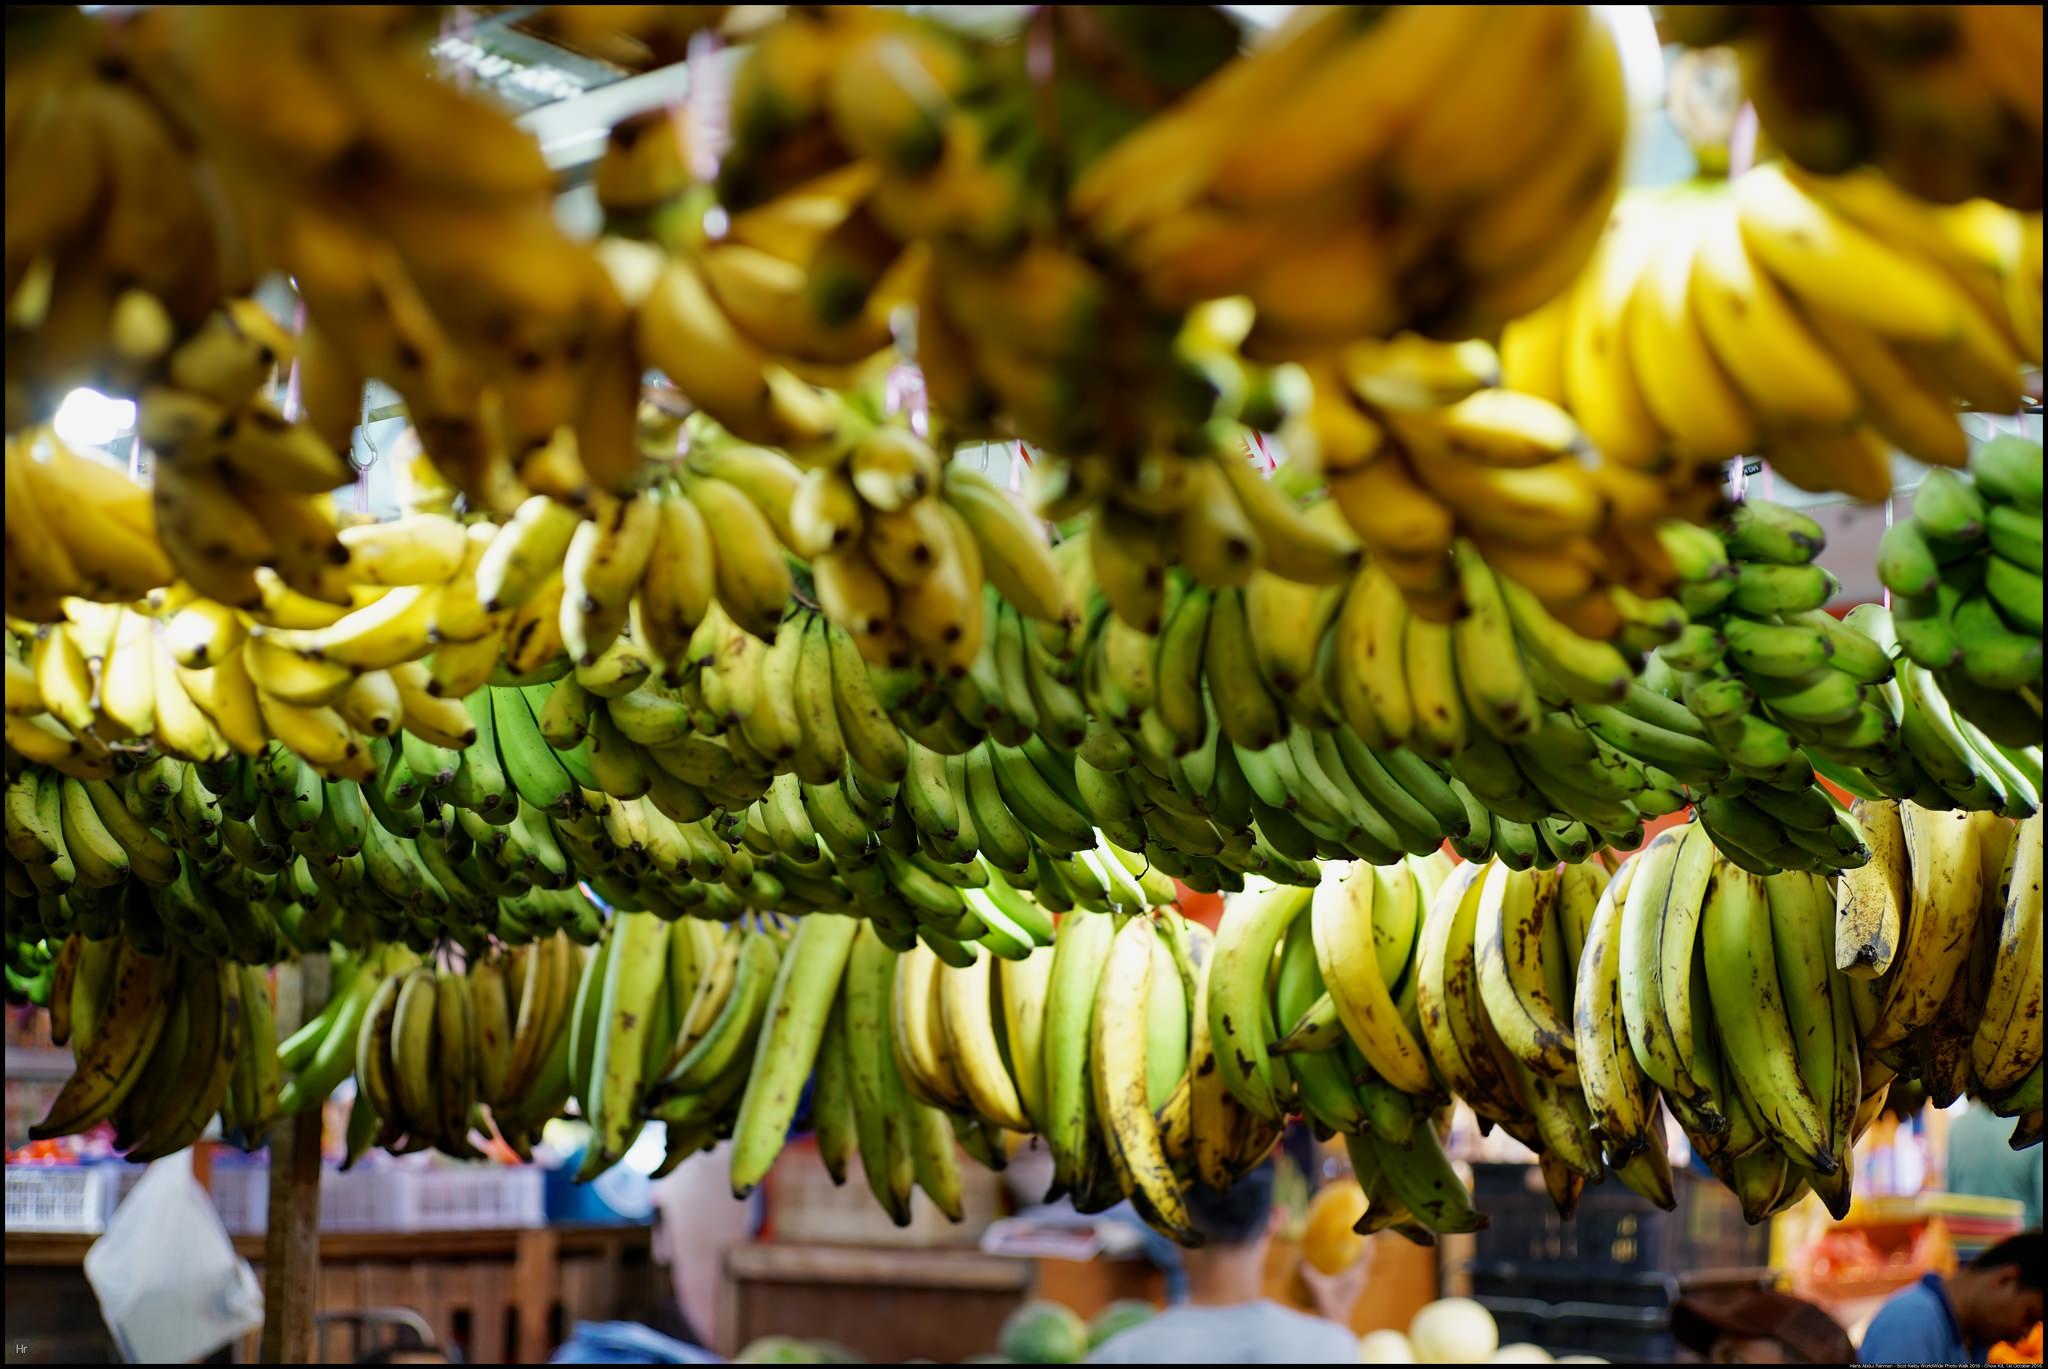 Low hanging fruits